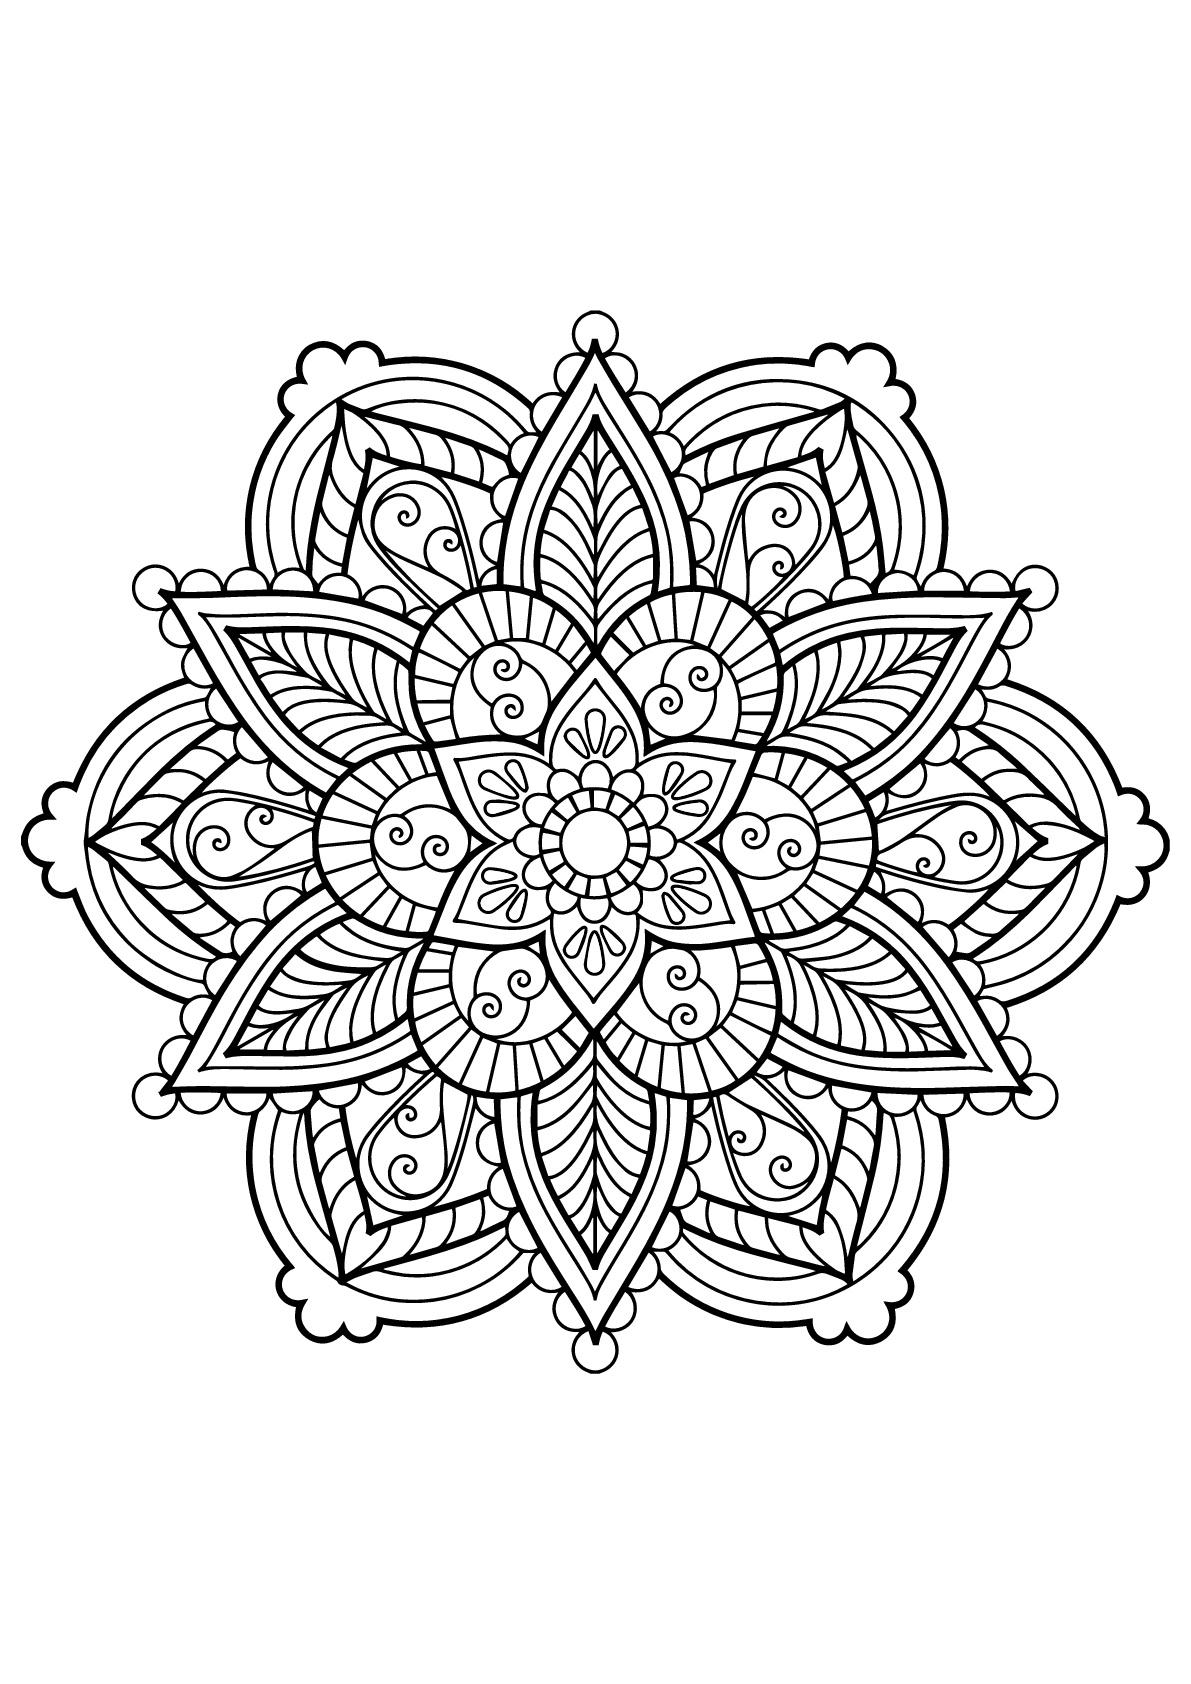 Mandala Livre Gratuit 28 - Mandalas - Coloriages intérieur Coloriage À Gratter Adulte